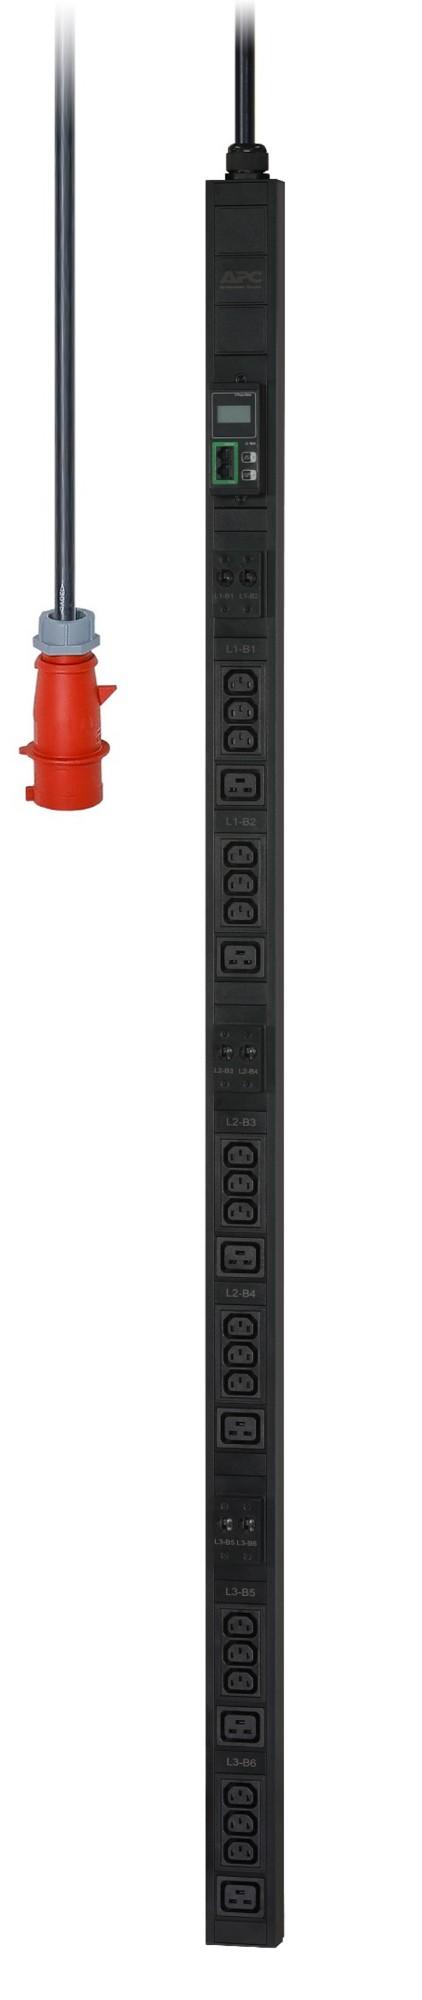 APC EPDU1232M power distribution unit (PDU) 32 AC outlet(s) 0U Black